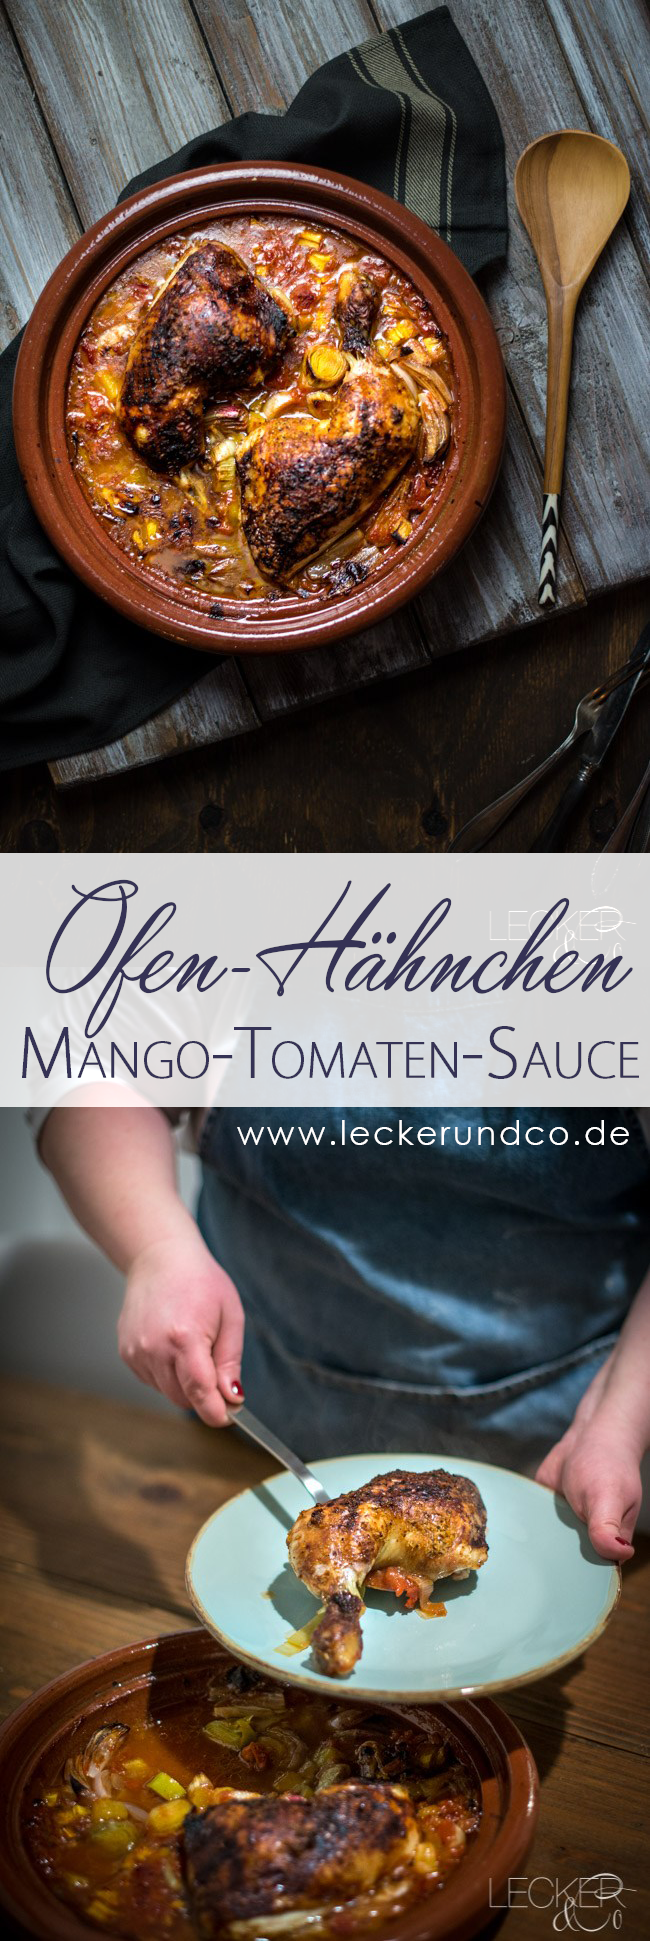 ofen h hnchen in mango tomaten sauce hahn mango und ofen. Black Bedroom Furniture Sets. Home Design Ideas